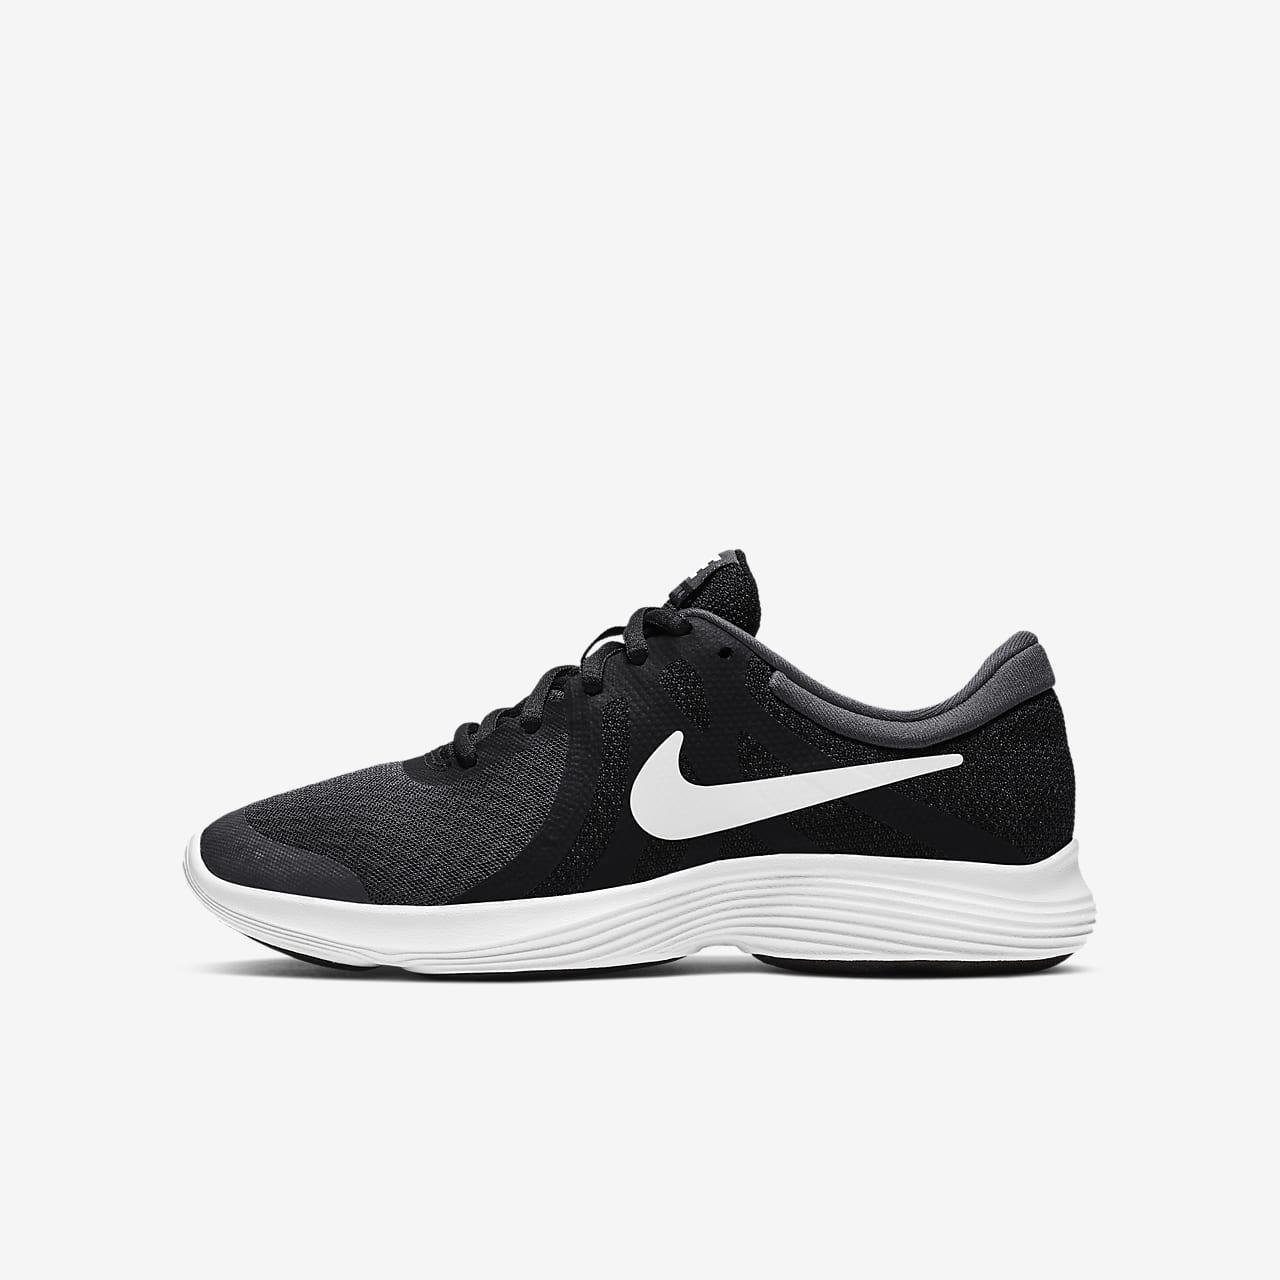 Běžecká bota Nike Revolution 4 pro větší děti